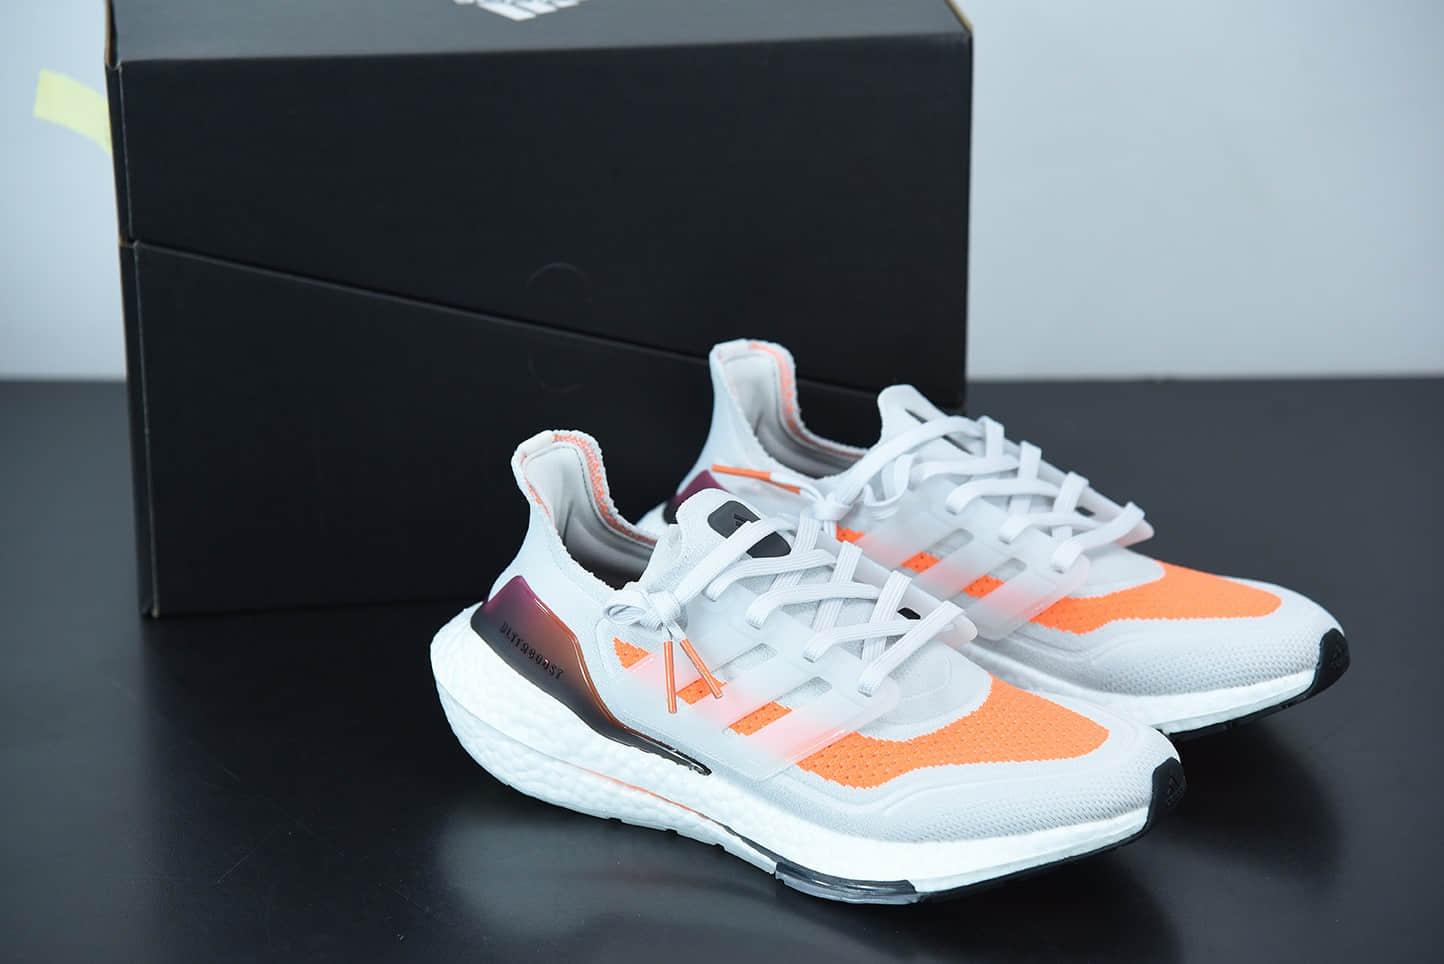 阿迪达斯 Adidas ultra boost 2021系列白橙配色袜套式针织鞋面休闲运动慢跑鞋纯原版本 货号:FY0375